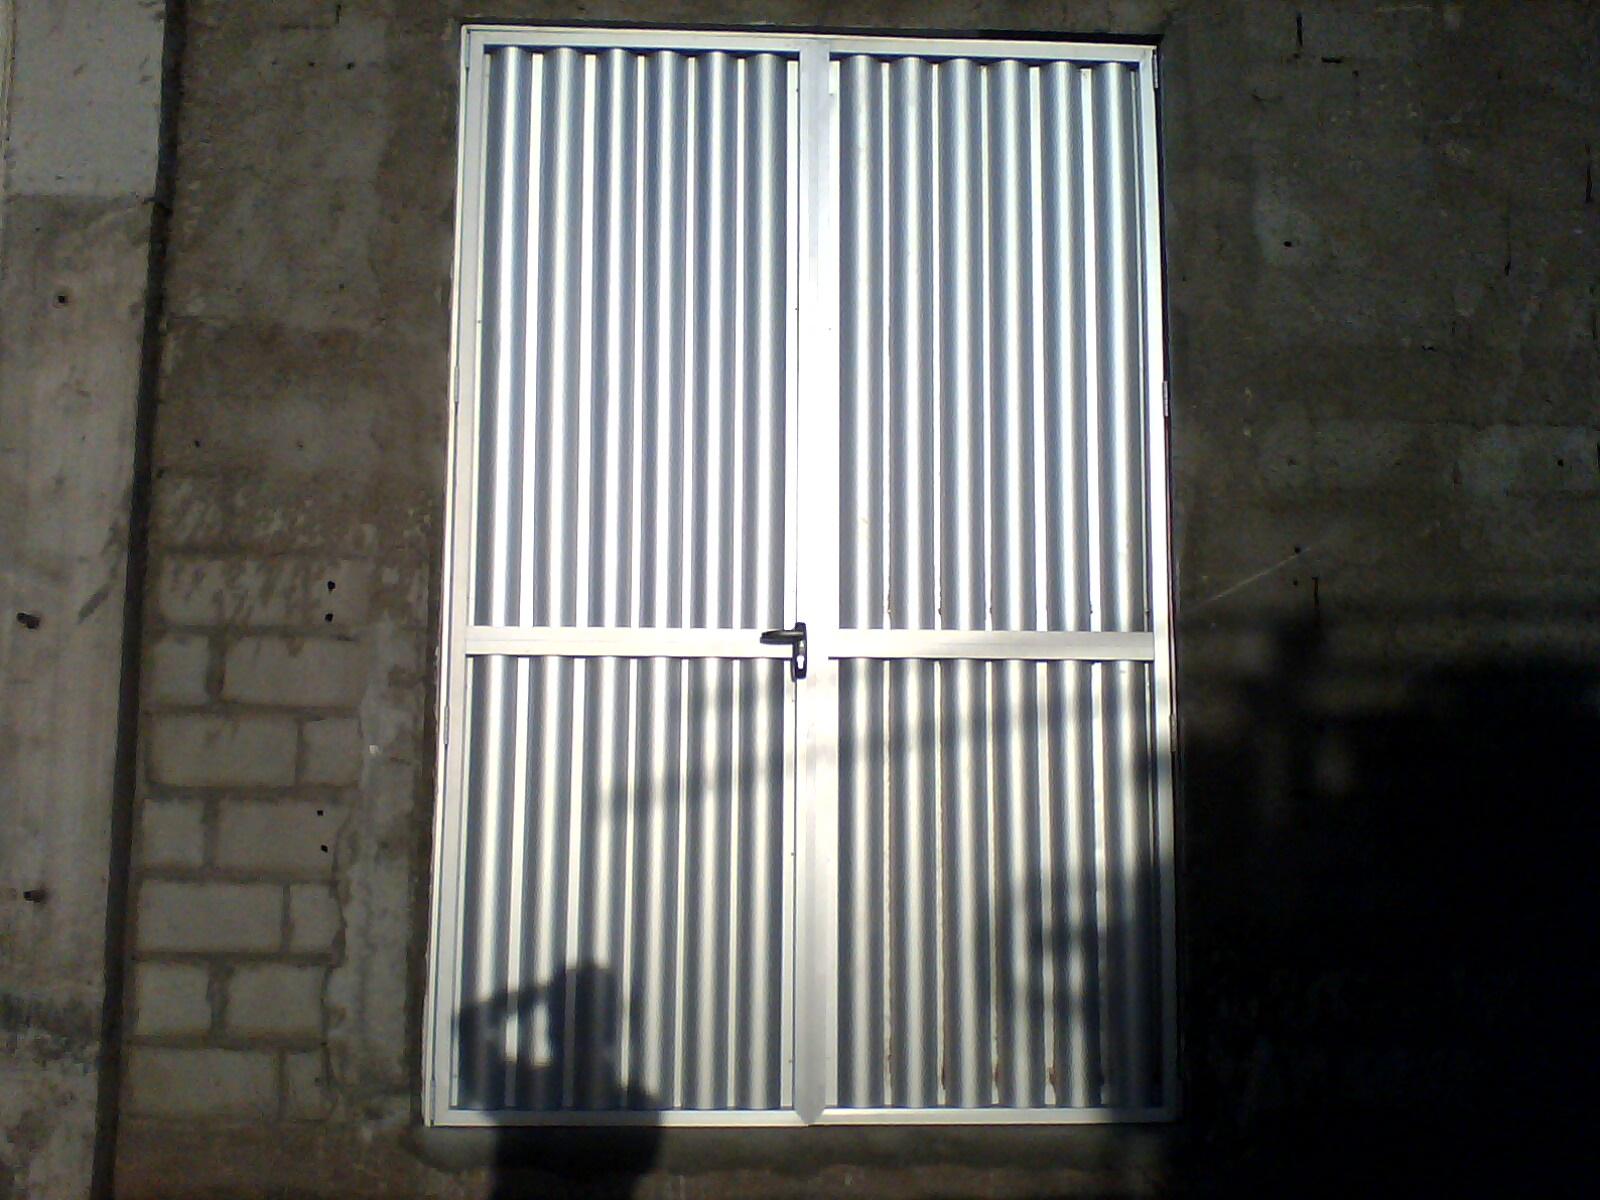 #586773 METALPLAST Esquadrias Forros e Divisórias: Portão em Alumínio 4414 Janela Aluminio Maxim Ar Serie 25